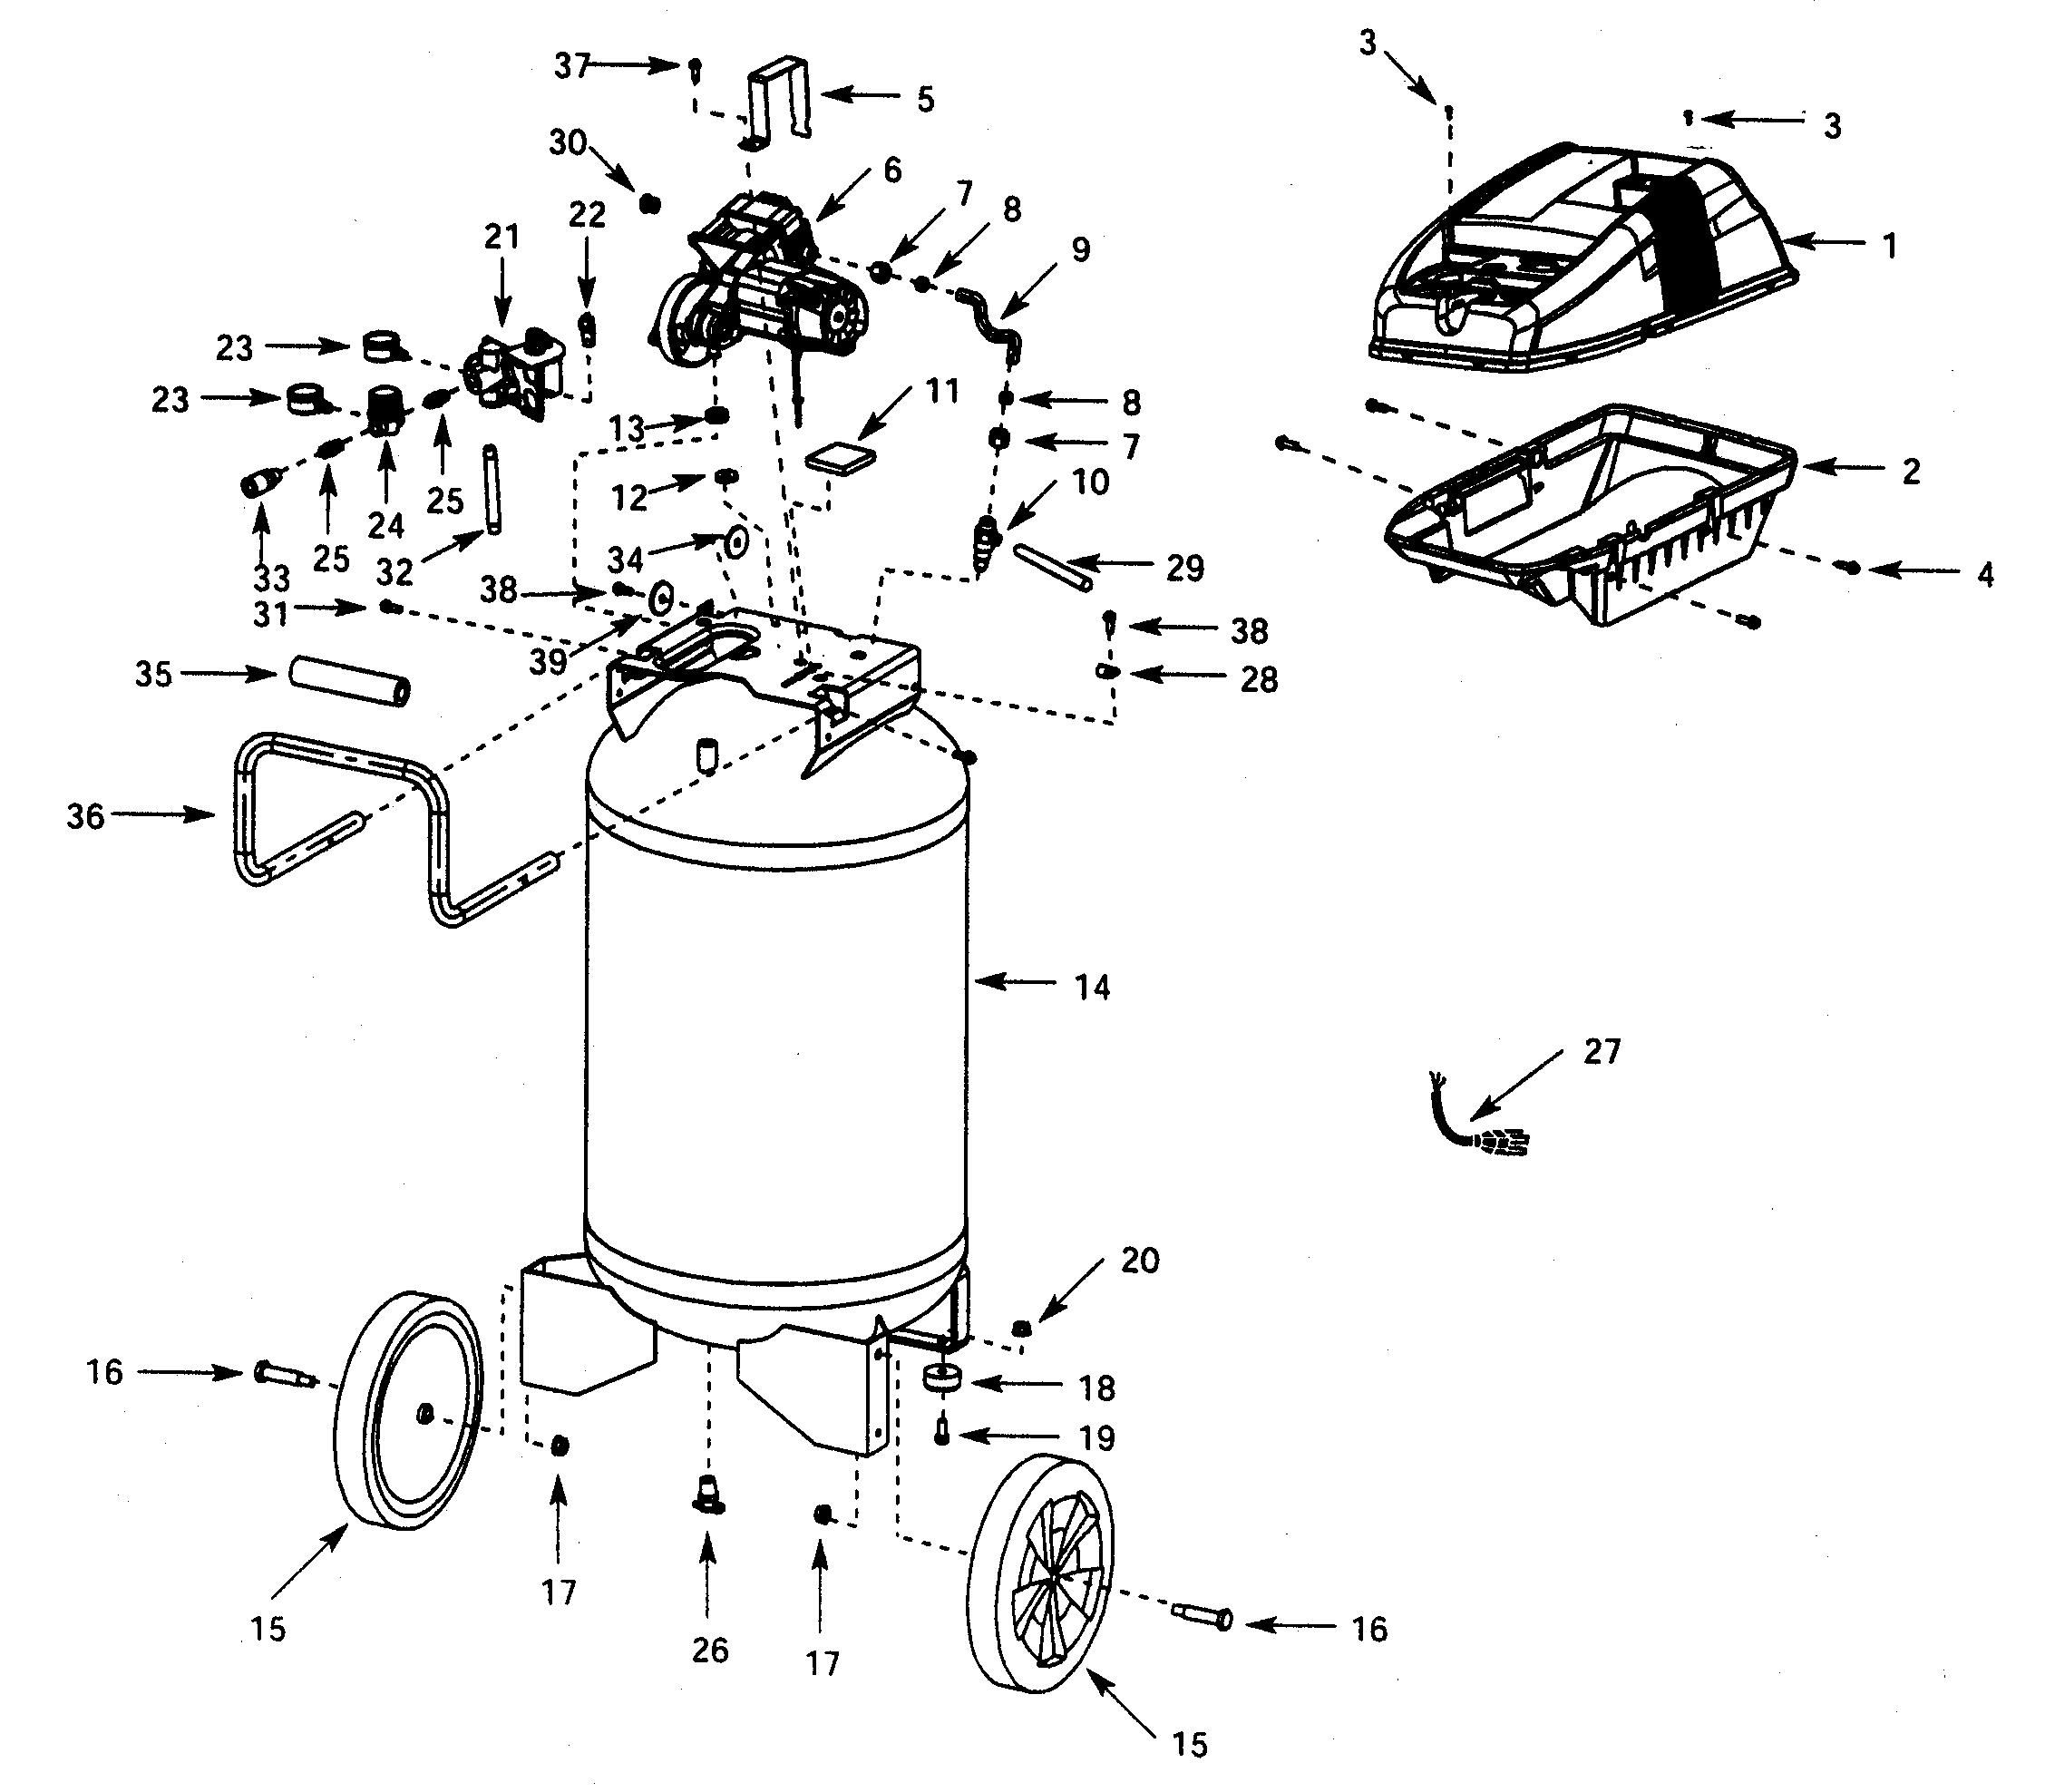 Campbell Hausfeld Air Compressor Parts Diagram Looking For Campbell Hausfeld Model Wl660003 Air Compressor Repair